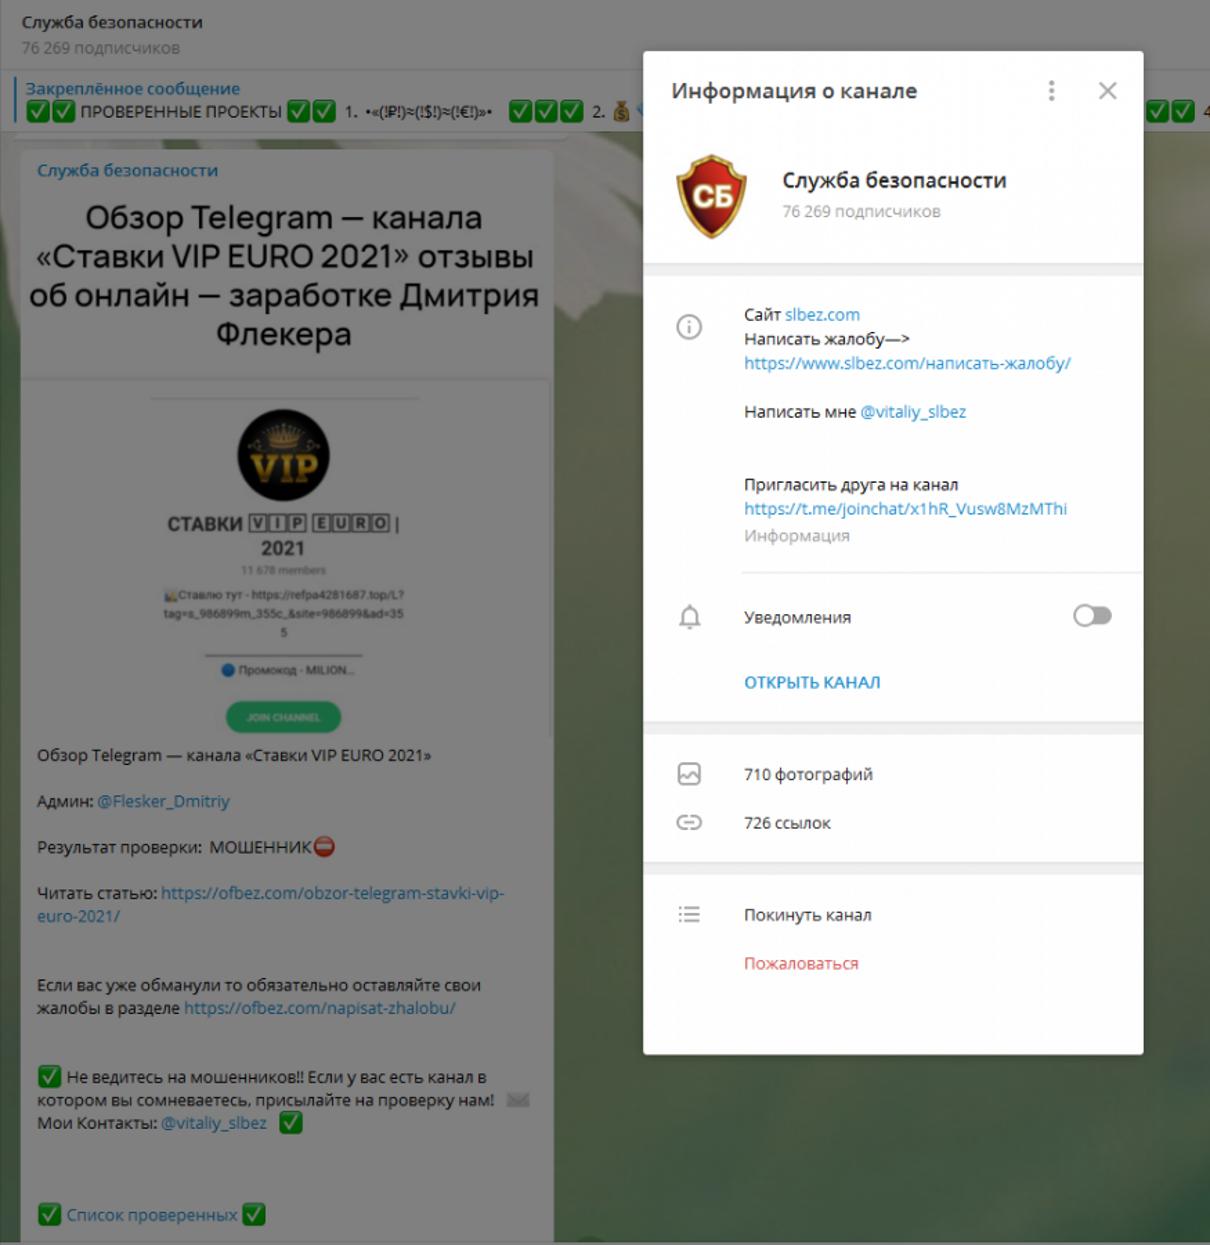 Жалоба-отзыв: Stop-moshennik.com - Stop-moshennik.com - жалоба на мошеннический рейтинг и отзыв о сайте Стоп Мошенник.  Фото №4